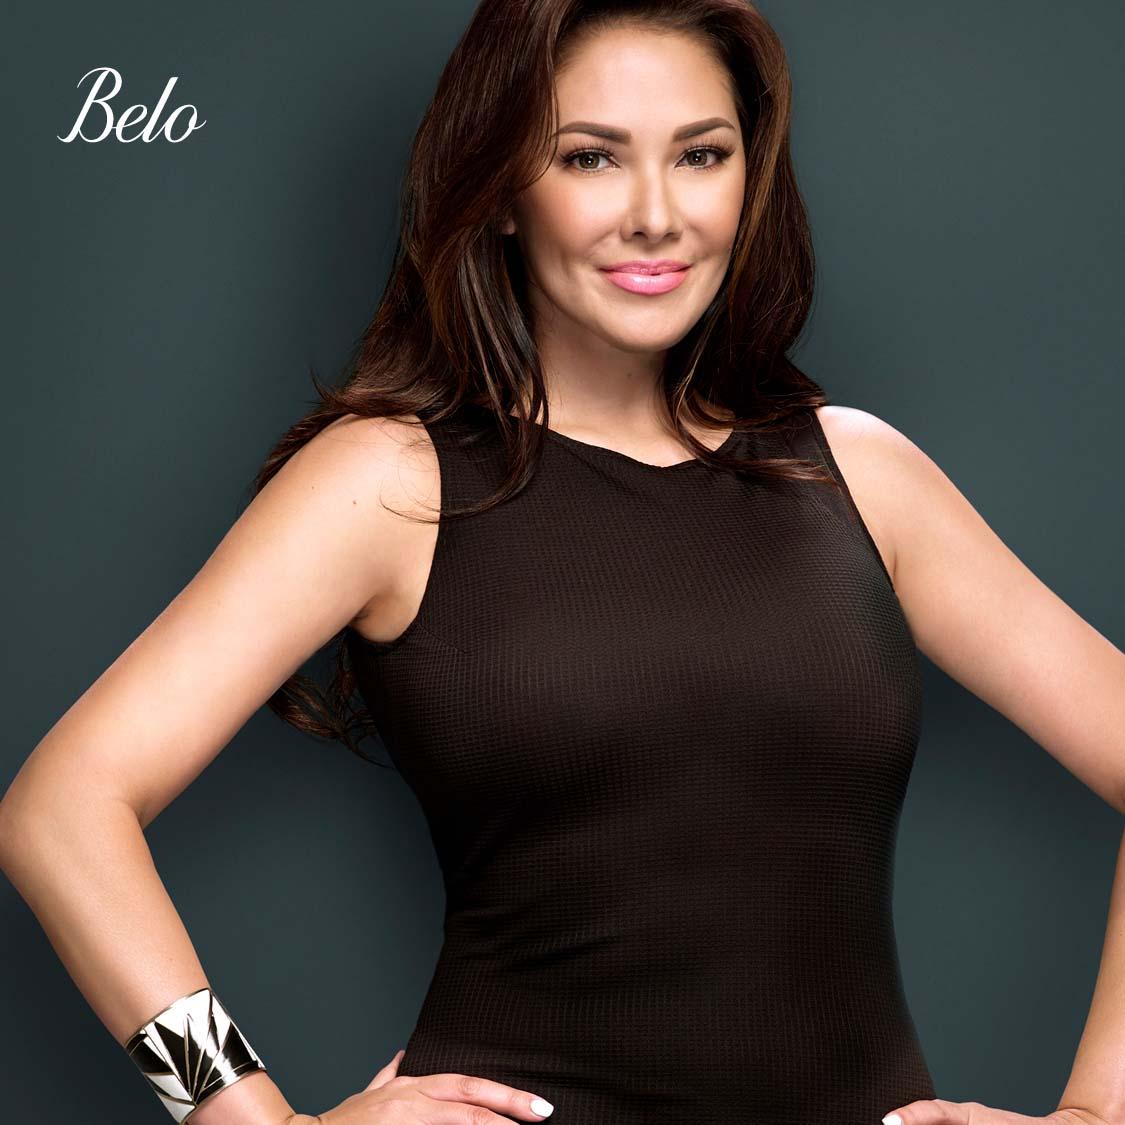 Ruffa Gutierrez before arm liposuction